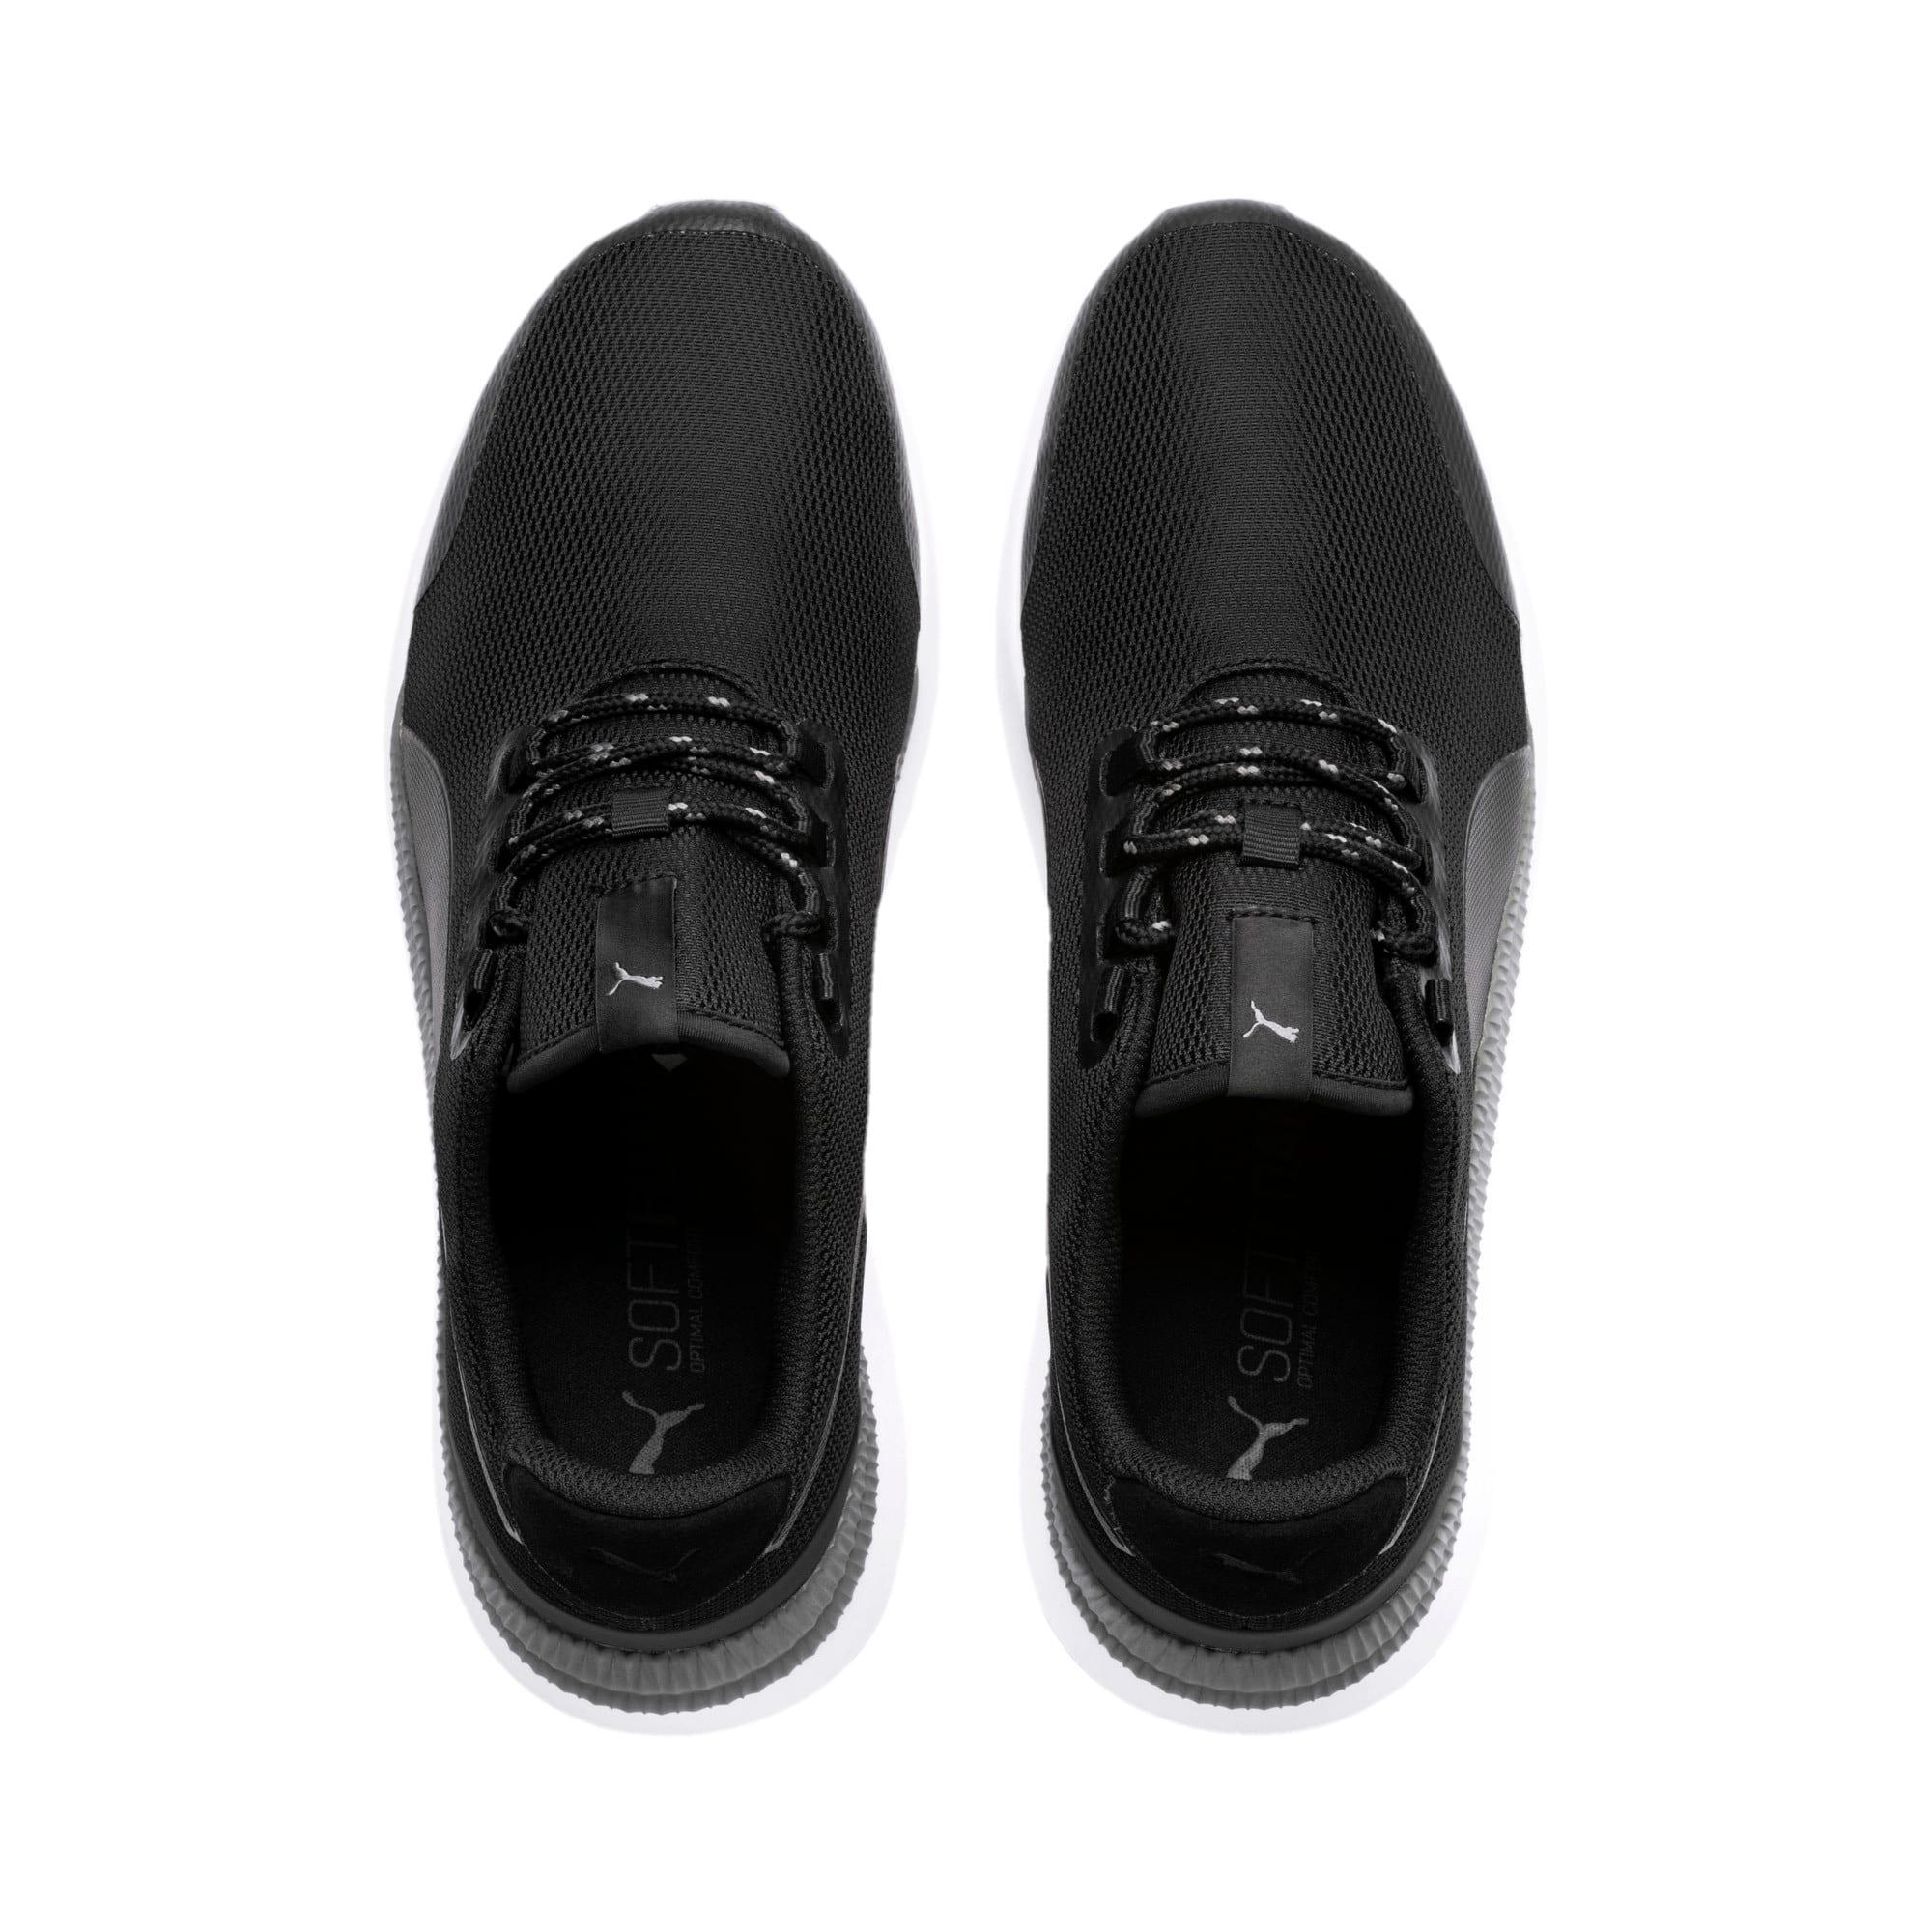 Miniatura 6 de Zapatos deportivosPacer Next FS, Puma Black-Iron Gate, mediano